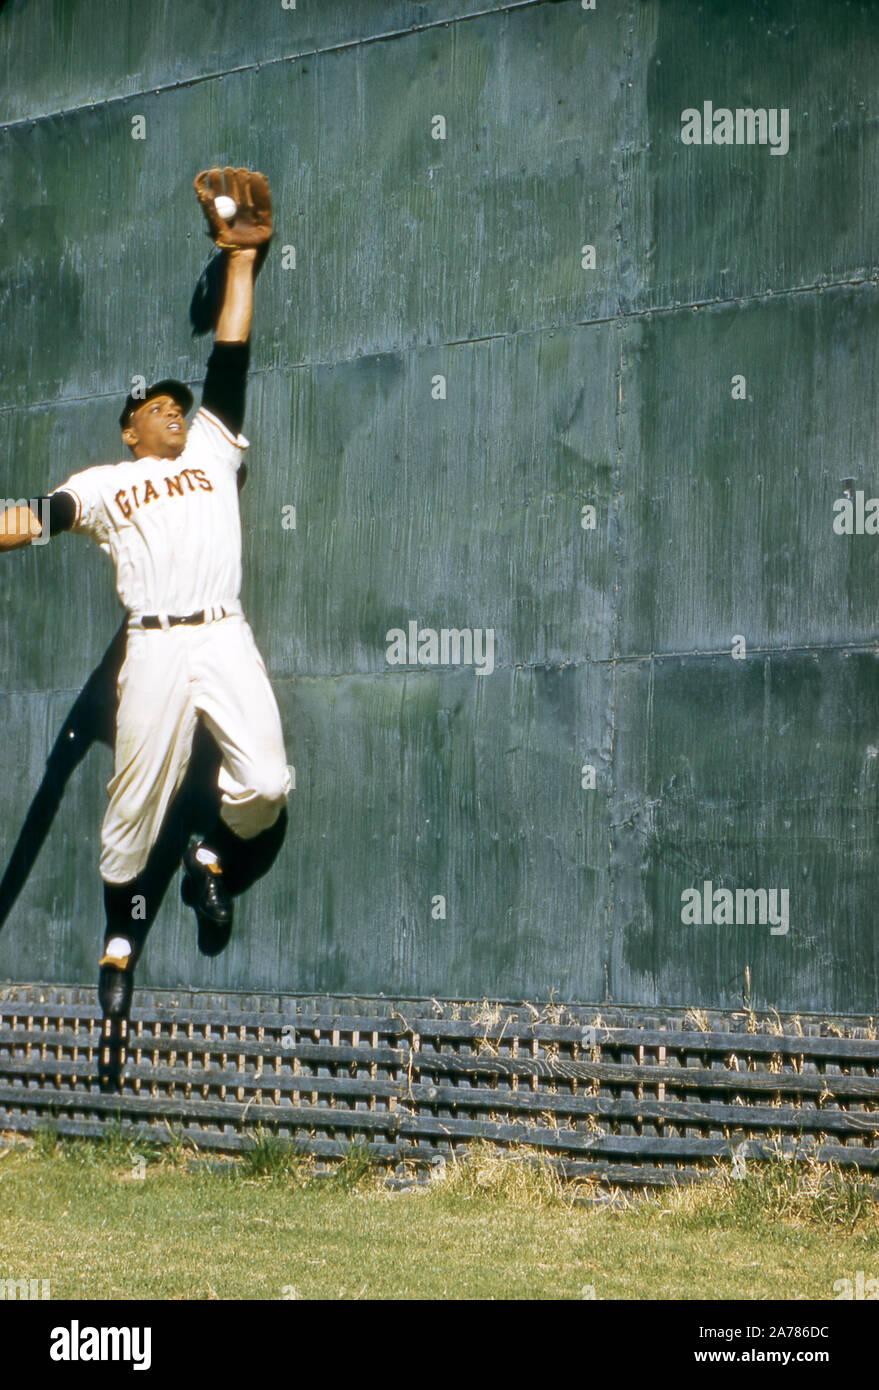 NEW YORK, NEW YORK - 1957: Willie Mays #24 der New York Giants einen Haken an der Wand macht während des Warm-ups, bevor ein MLB Spiel ca. 1957 in den Polo Grounds in New York, New York. (Foto von Hy Peskin) *** Local Caption *** Willie Mays Stockfoto